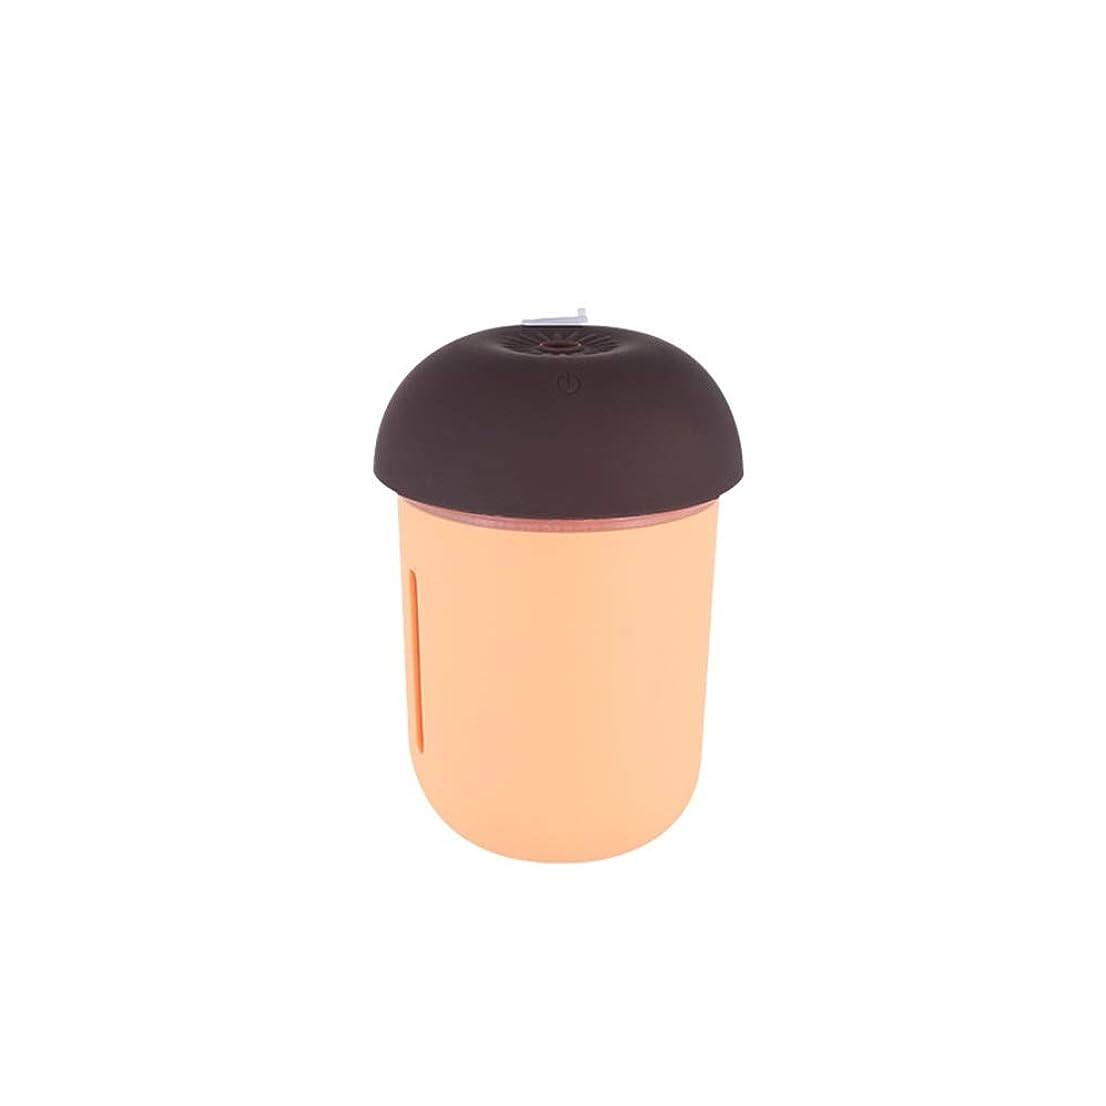 昨日トイレヒューバートハドソンZXF 新しいクリエイティブusb充電車の空気清浄機多機能水道メーターファンナイトライトスリーインワンきのこ加湿器オレンジピンク 滑らかである (色 : Orange)